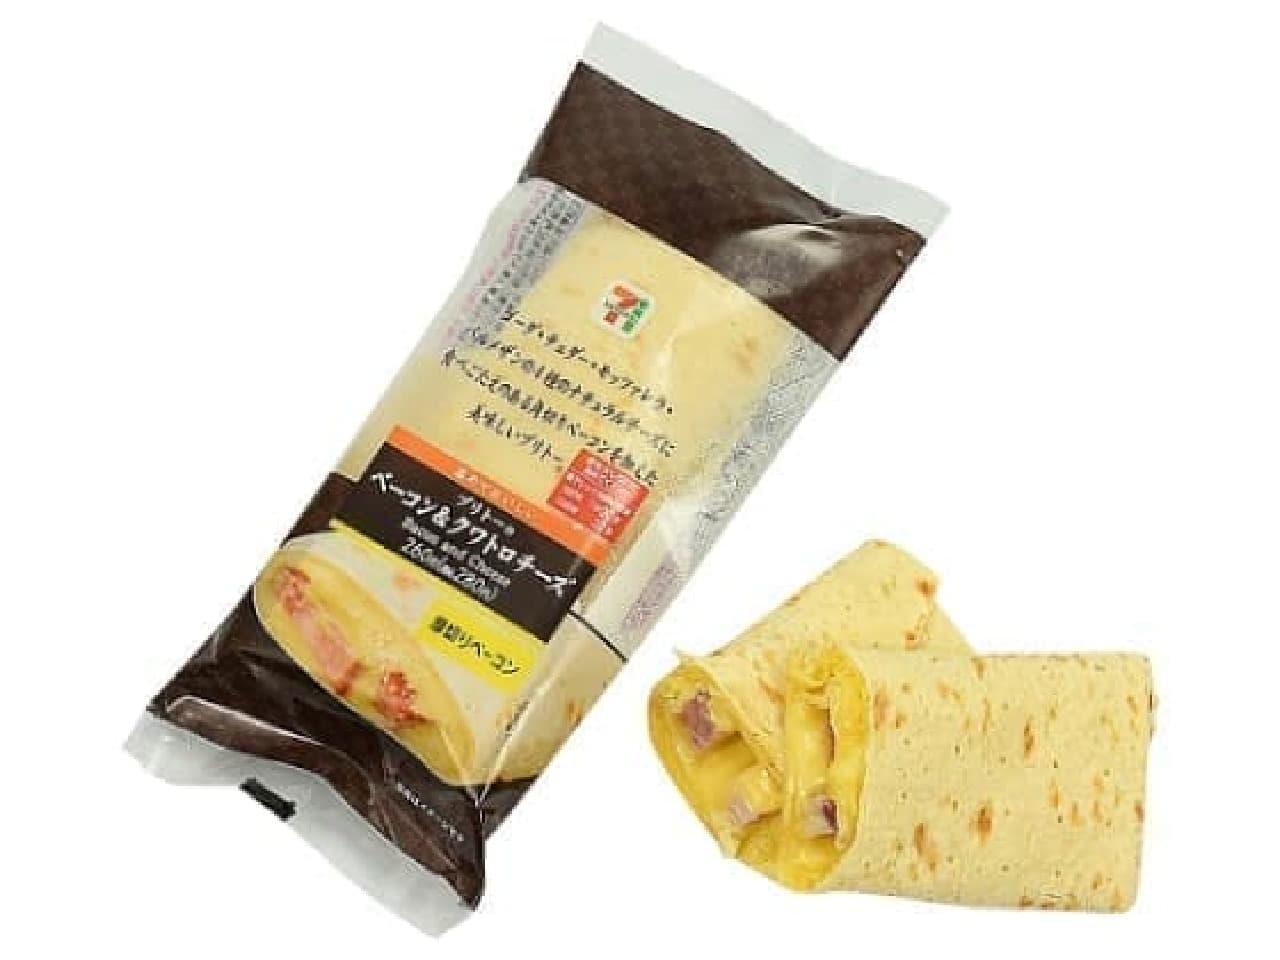 セブン-イレブン「ブリトーベーコン&クワトロチーズ」